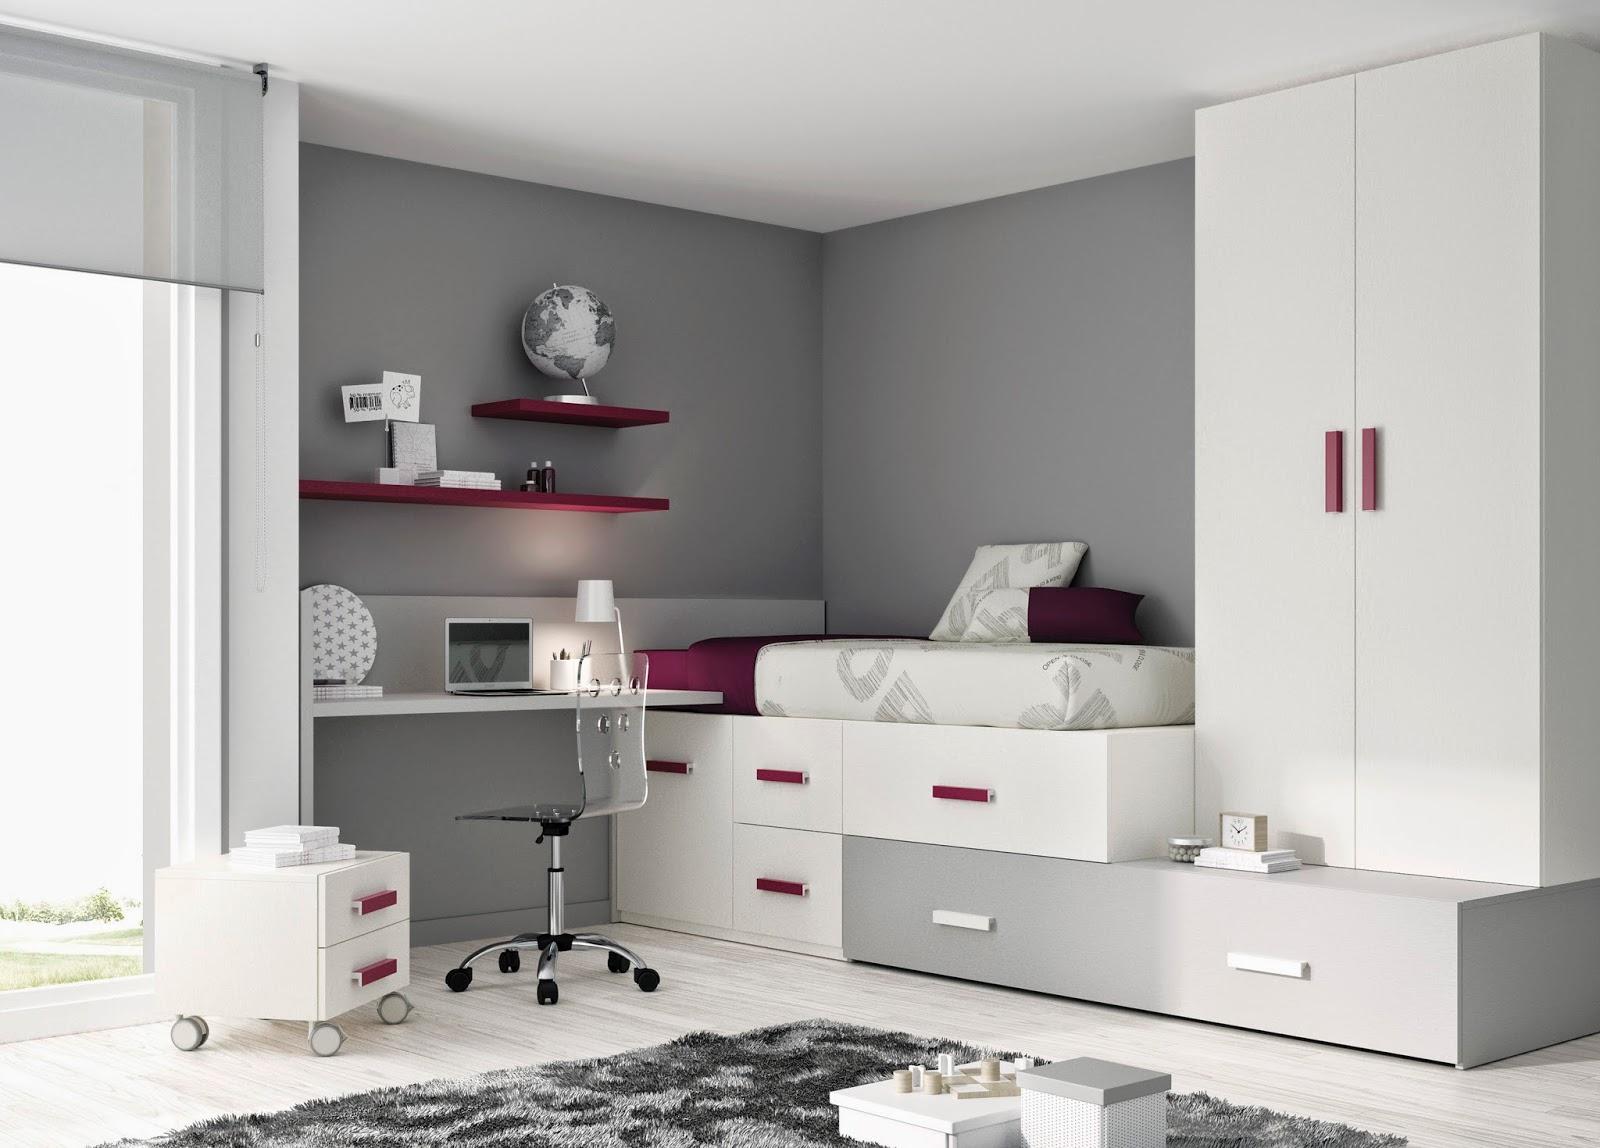 Blocks de muebles ros es la ltima tendencia en - Armarios con cama incorporada ...